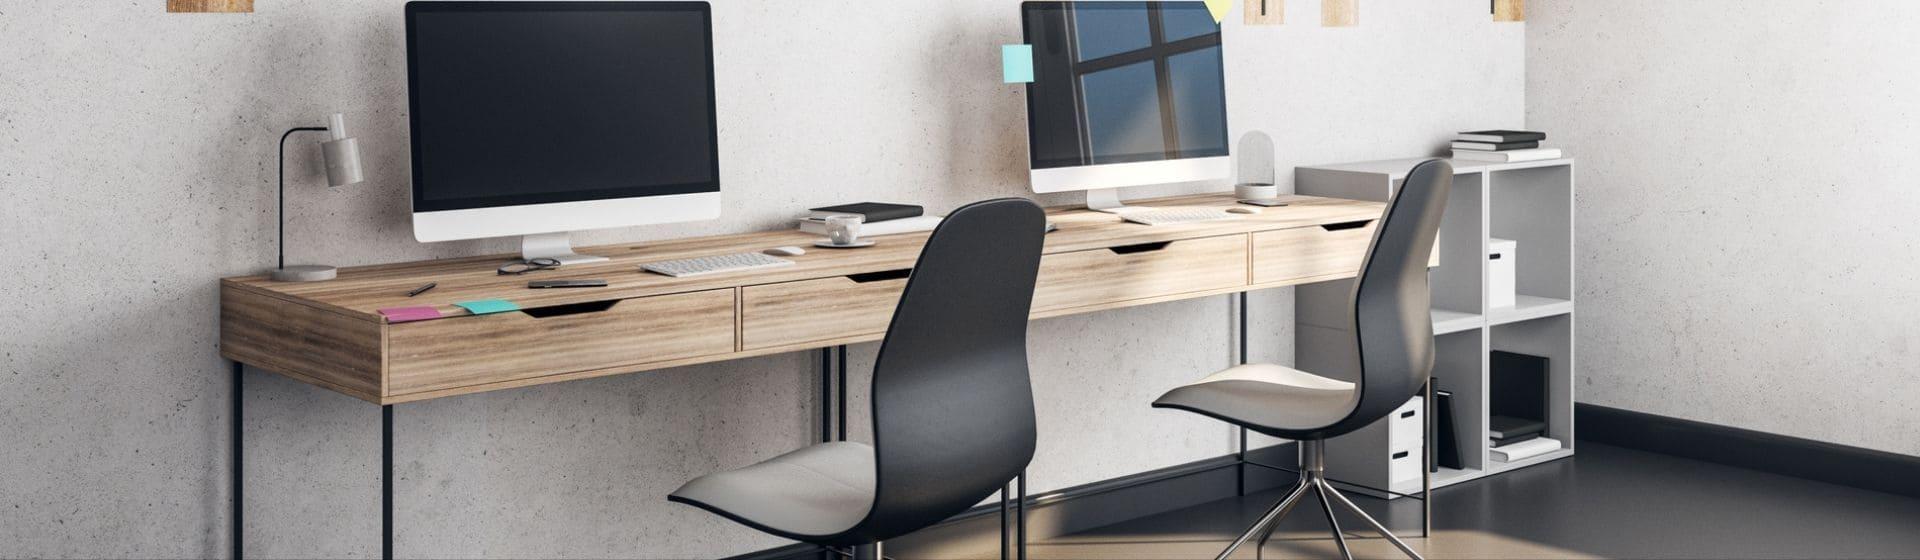 Melhor mesa para computador em 2021: 7 modelos para comprar